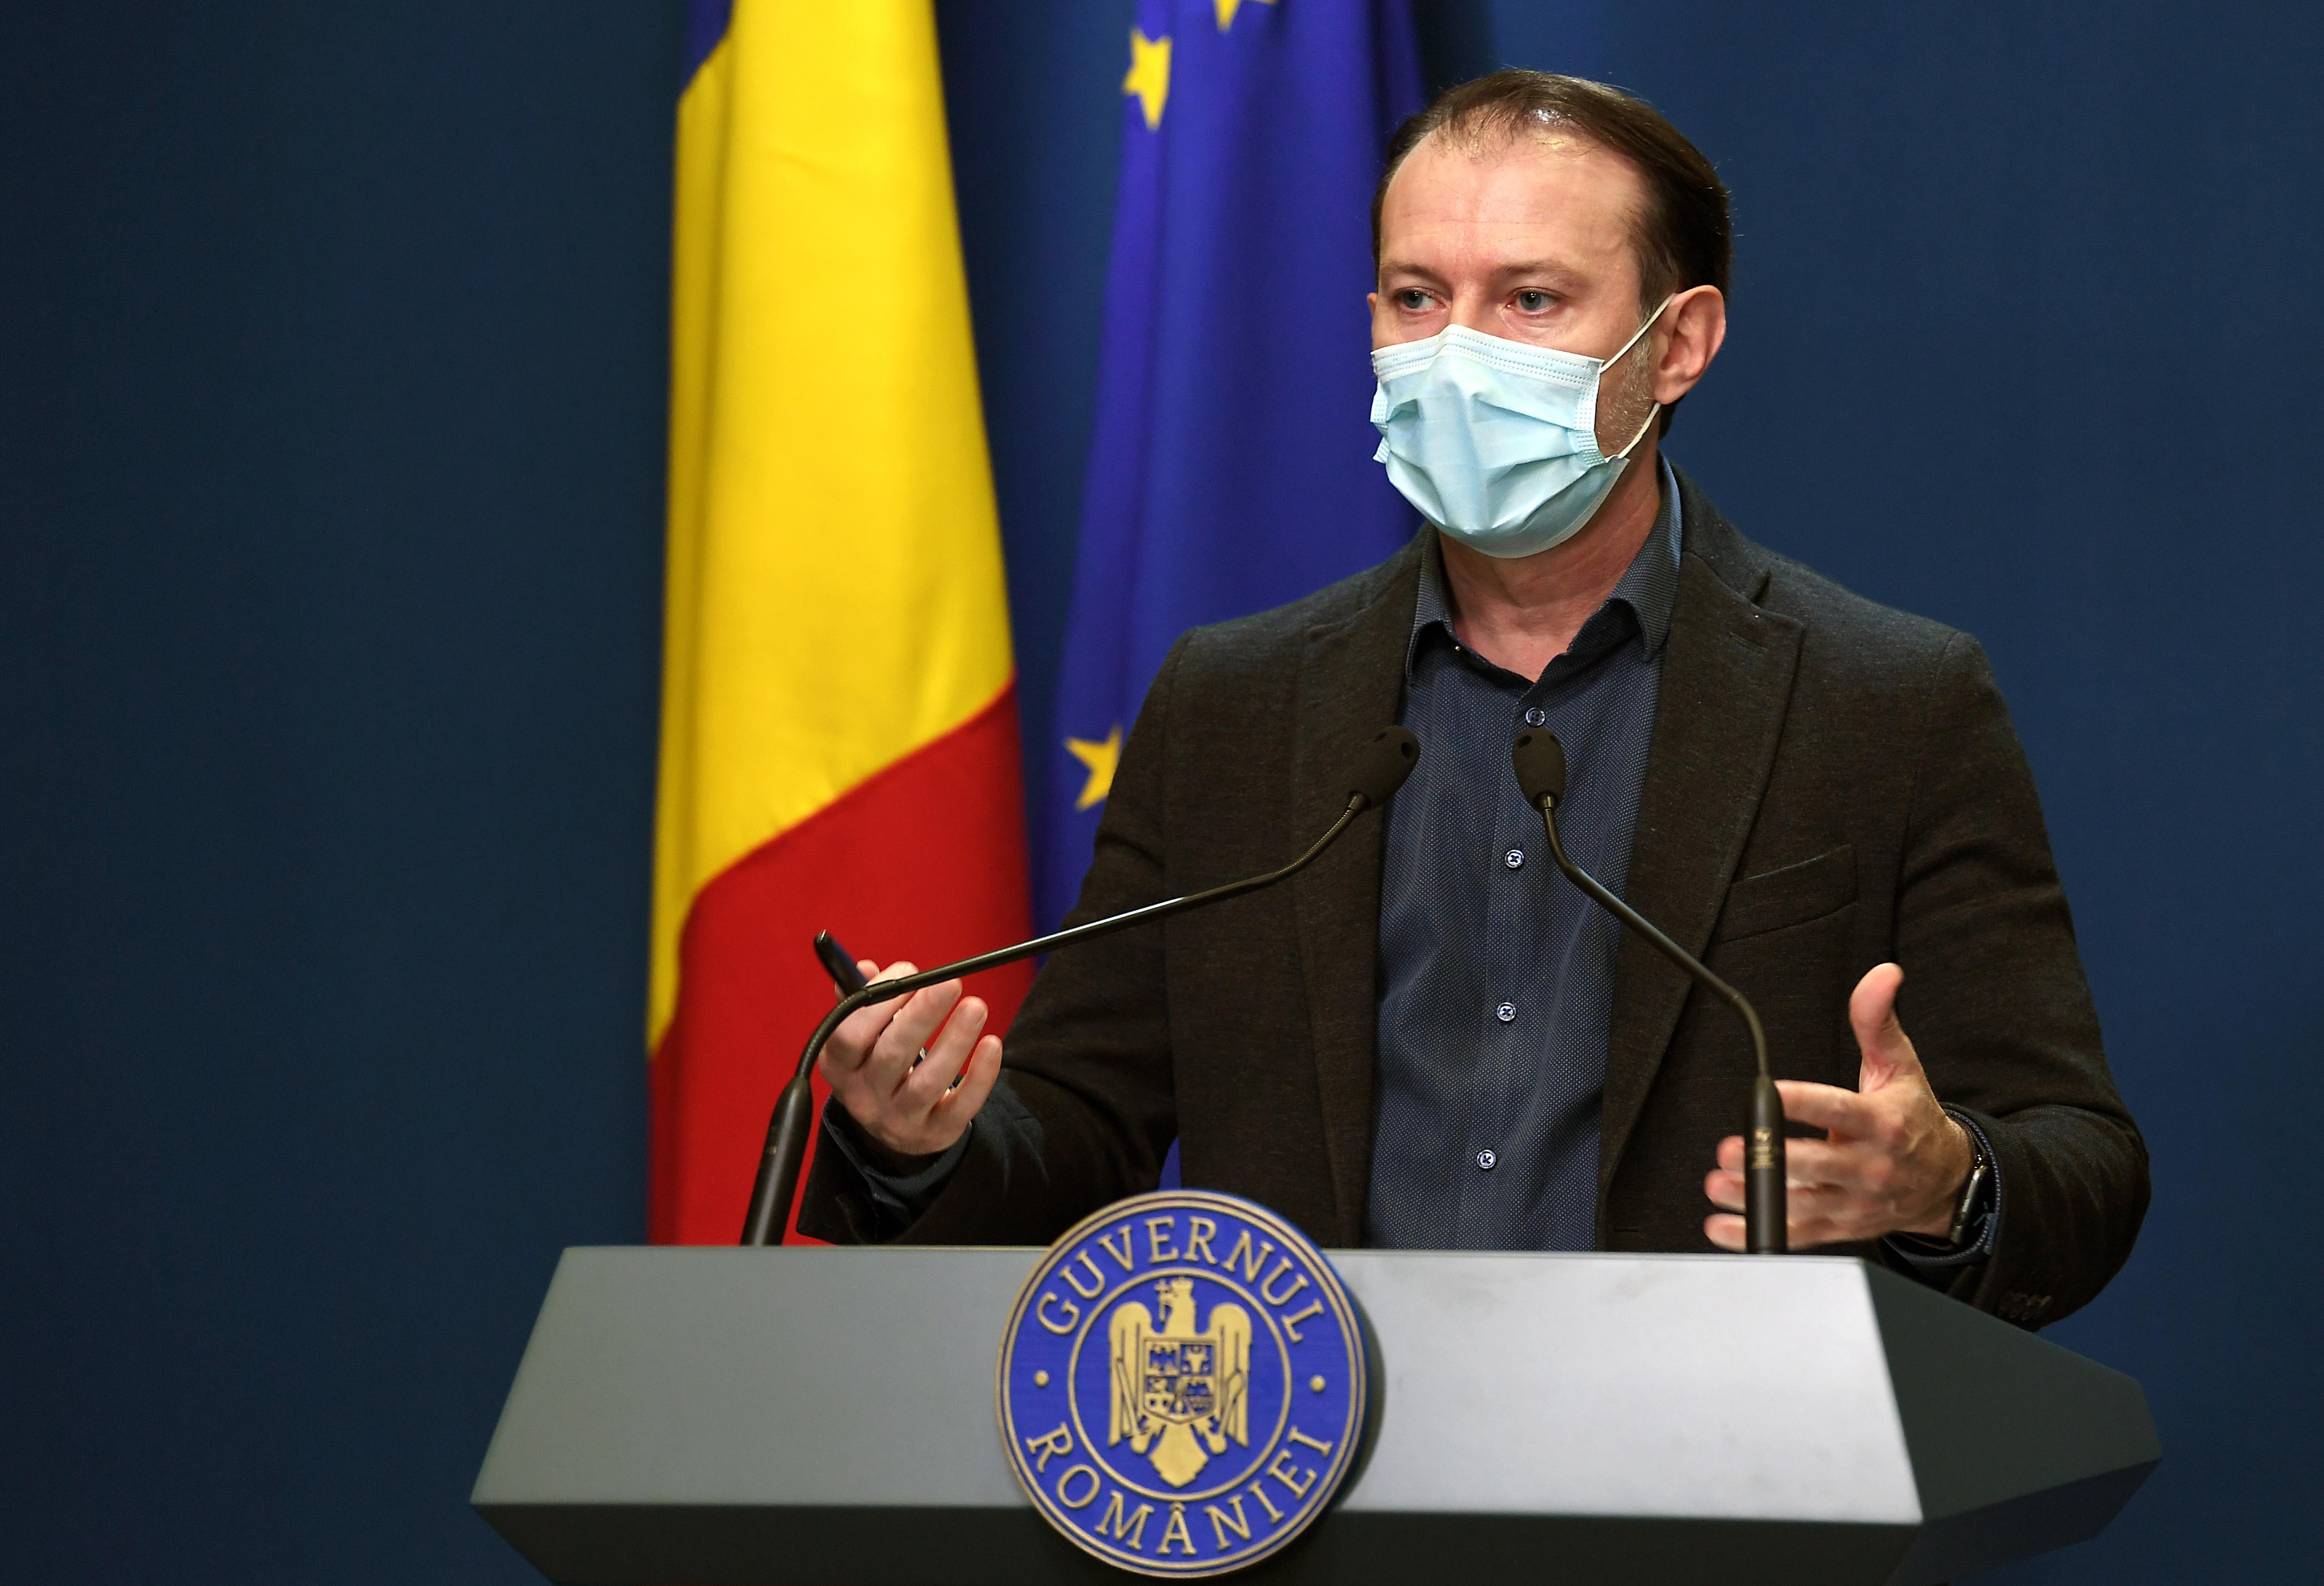 Cîţu, referitor la diferenţele de raportare a deceselor COVID-19: Au existat în toate ţările UE